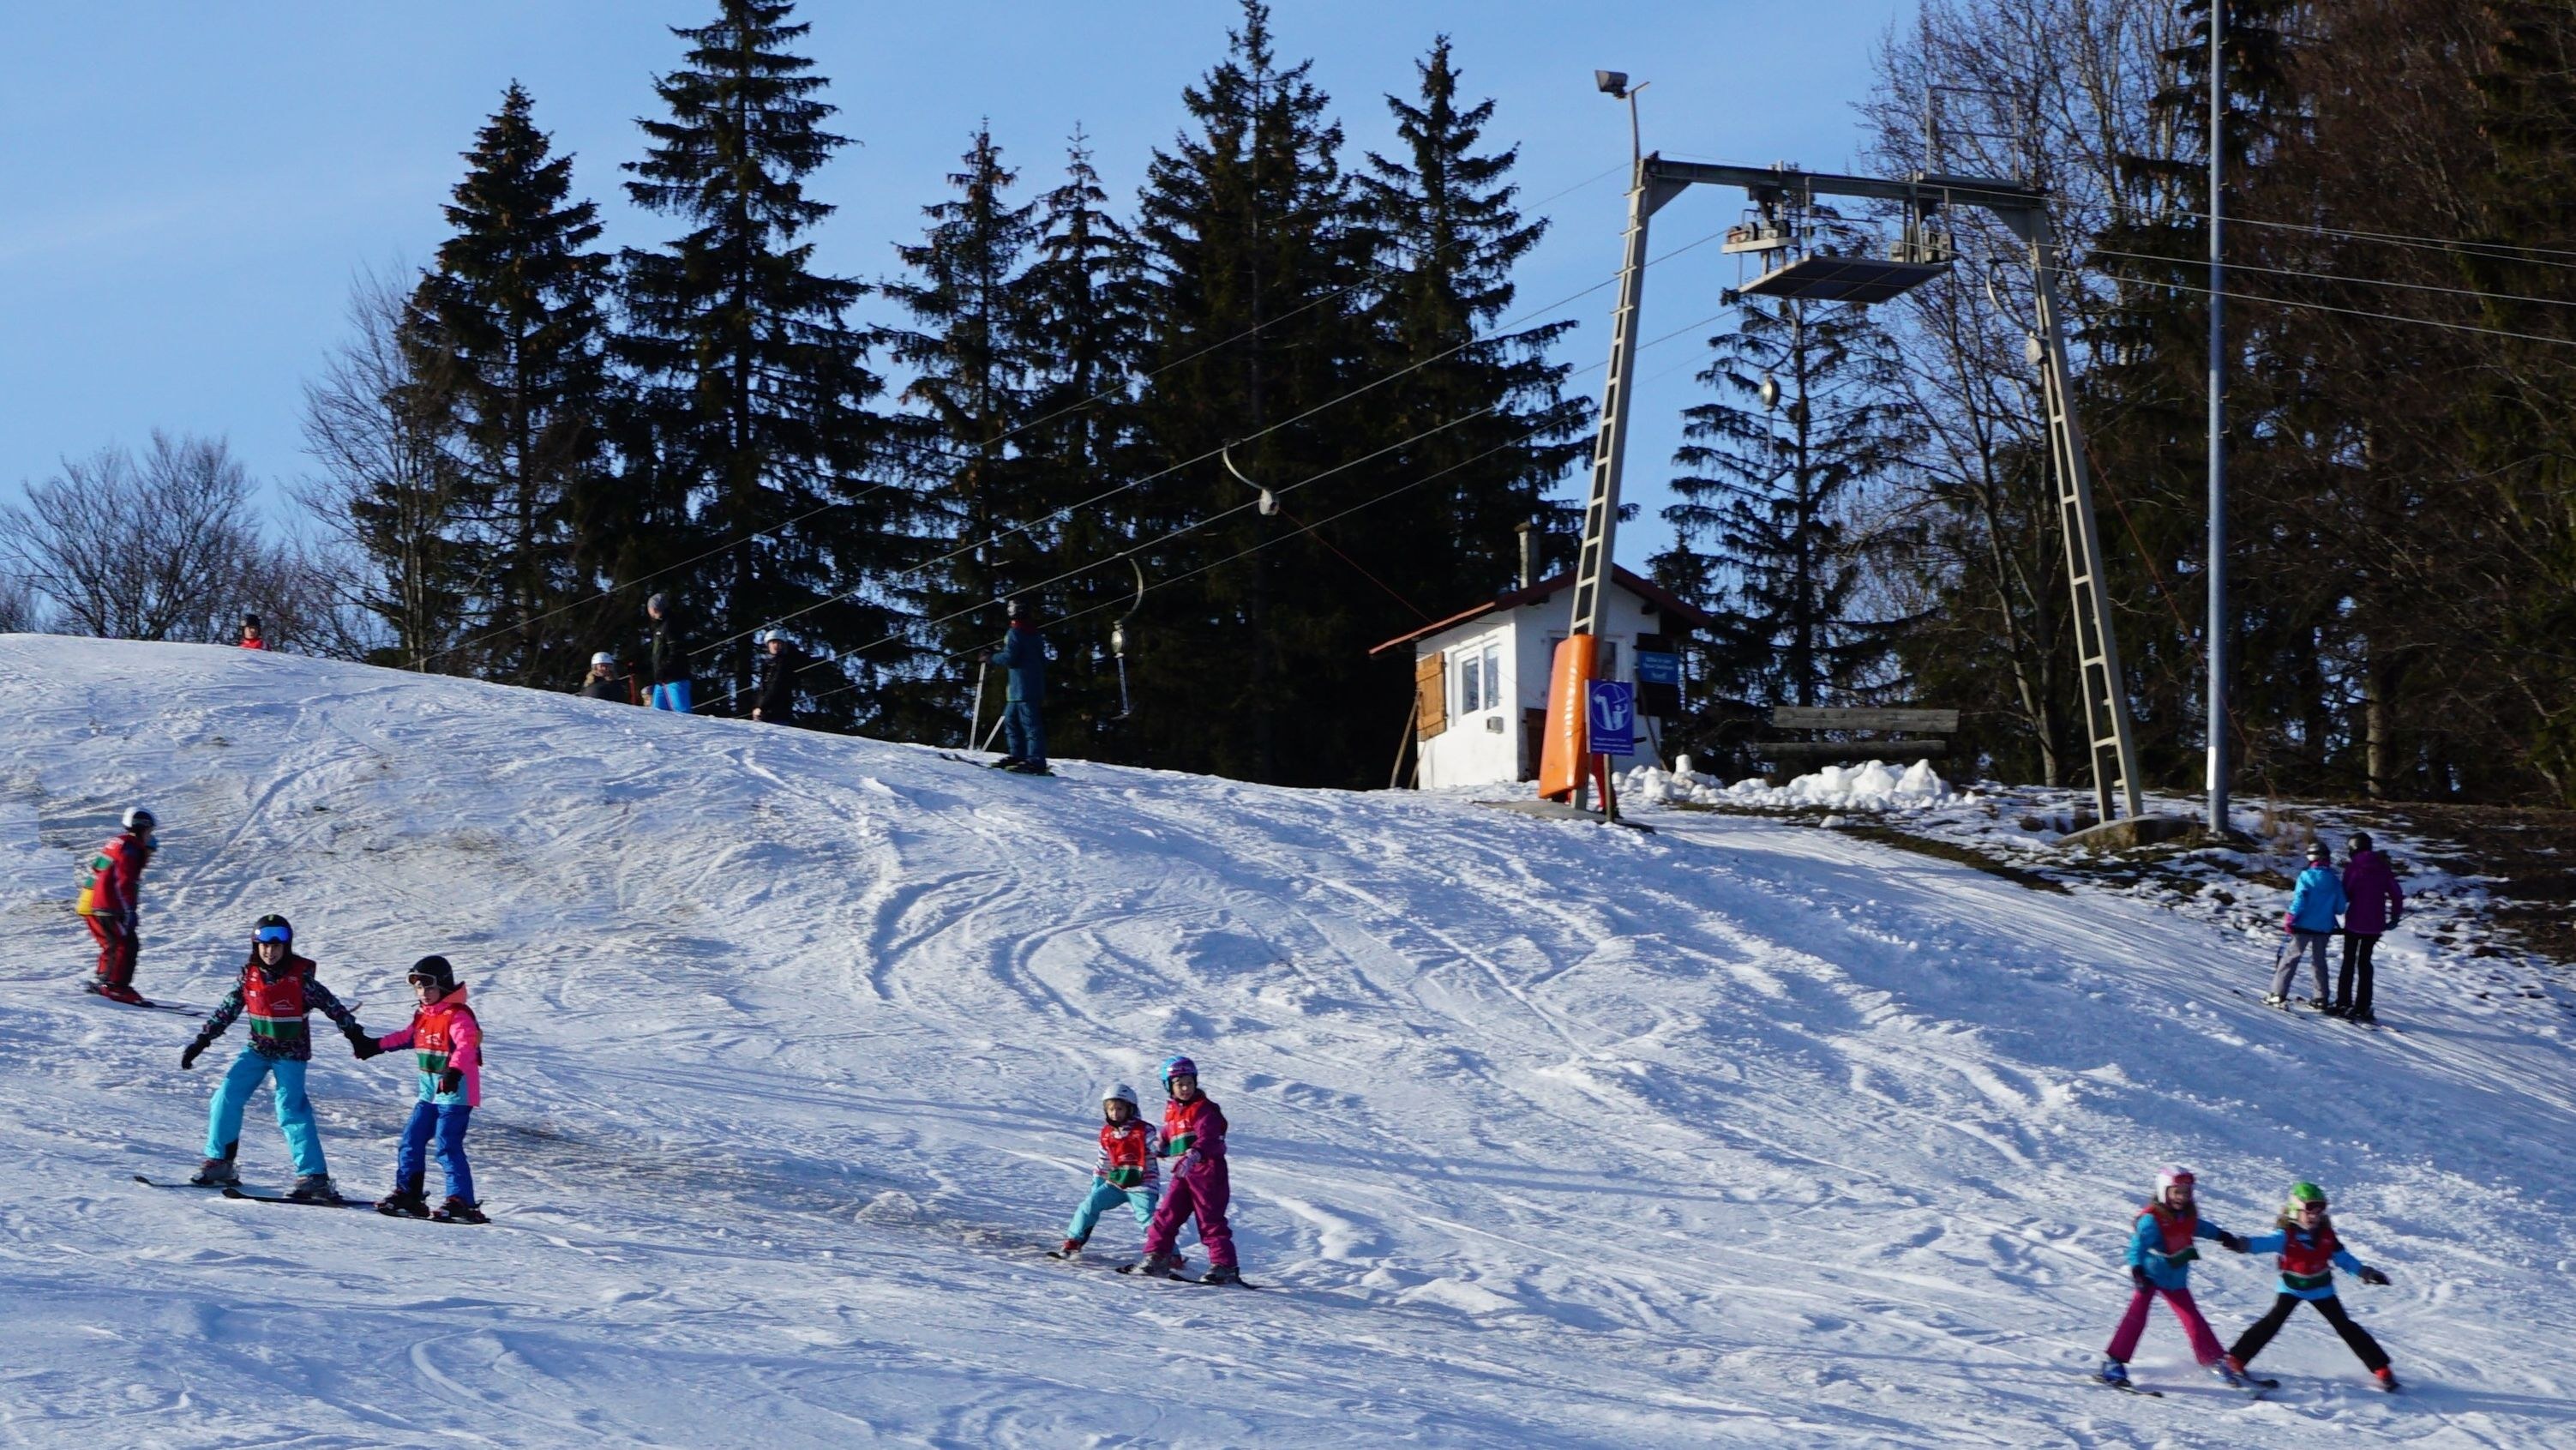 Der Bleaml-Alm-Lift im Fichtelberg mit Kindern auf der Piste.